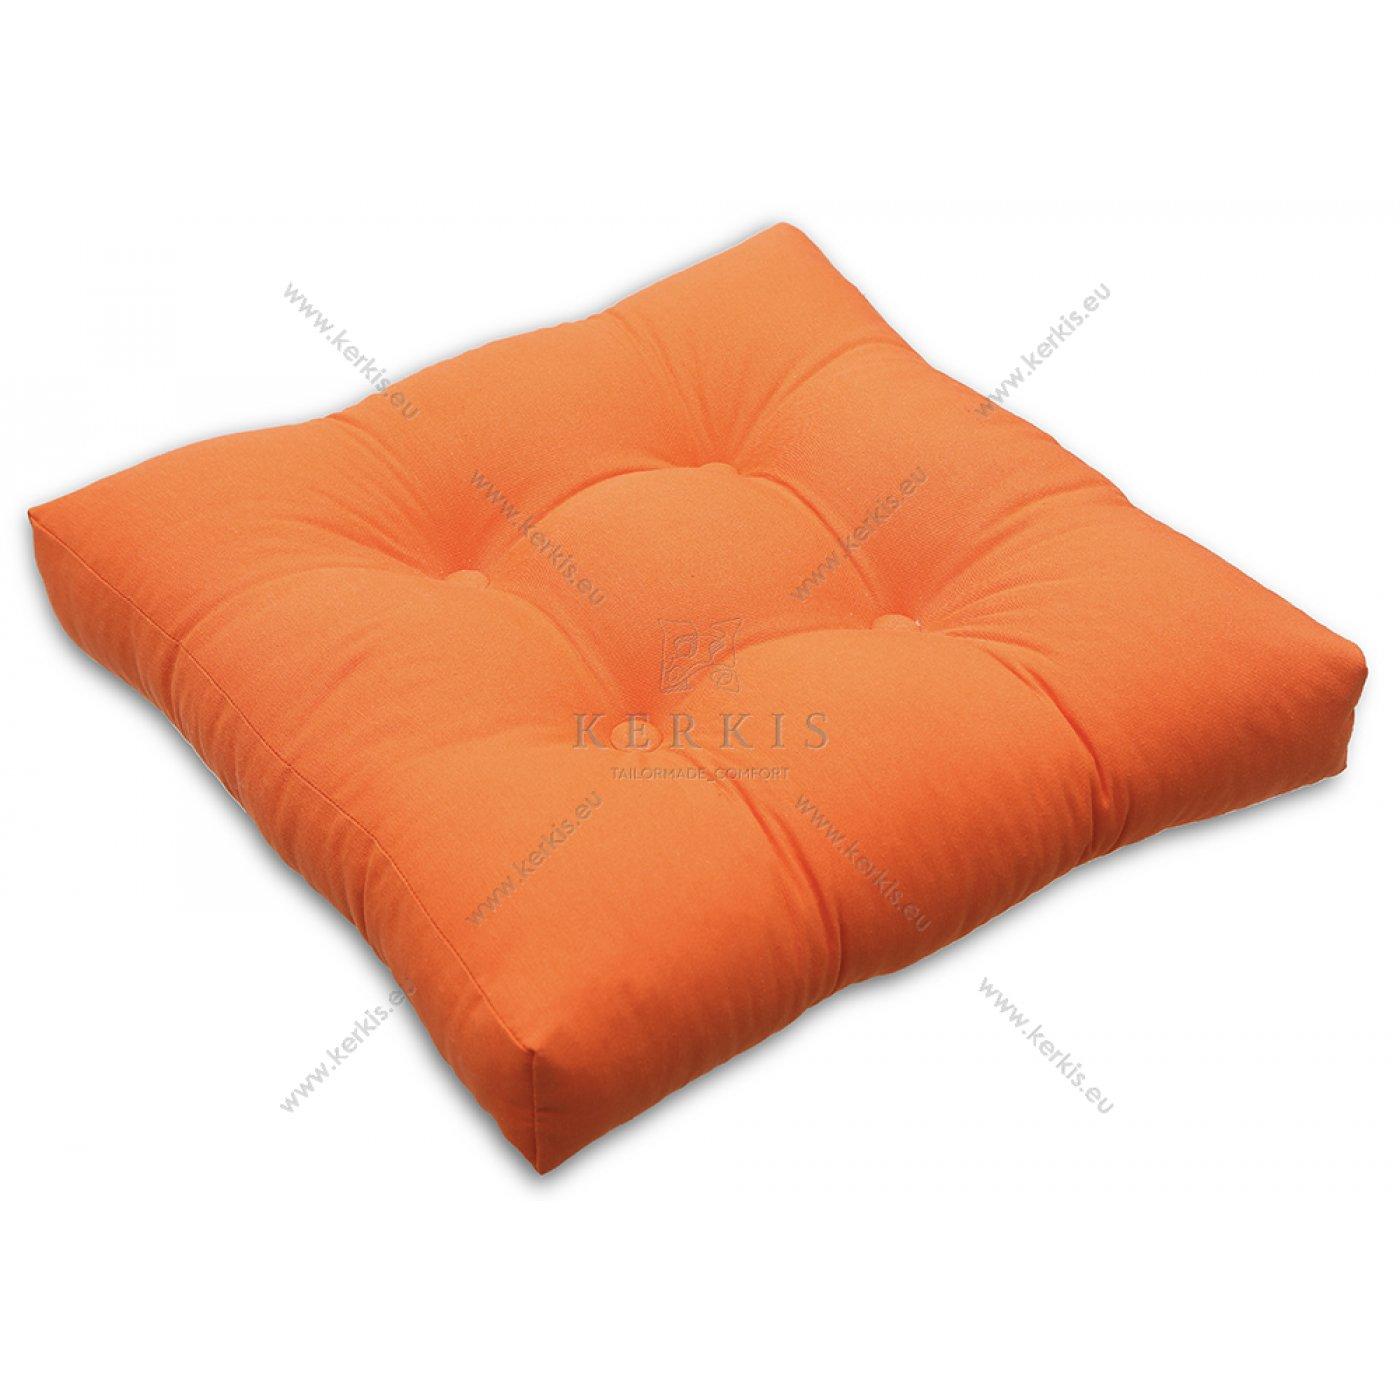 Μαξιλάρι με διακοσμητικά κουμπιά πορτοκαλί